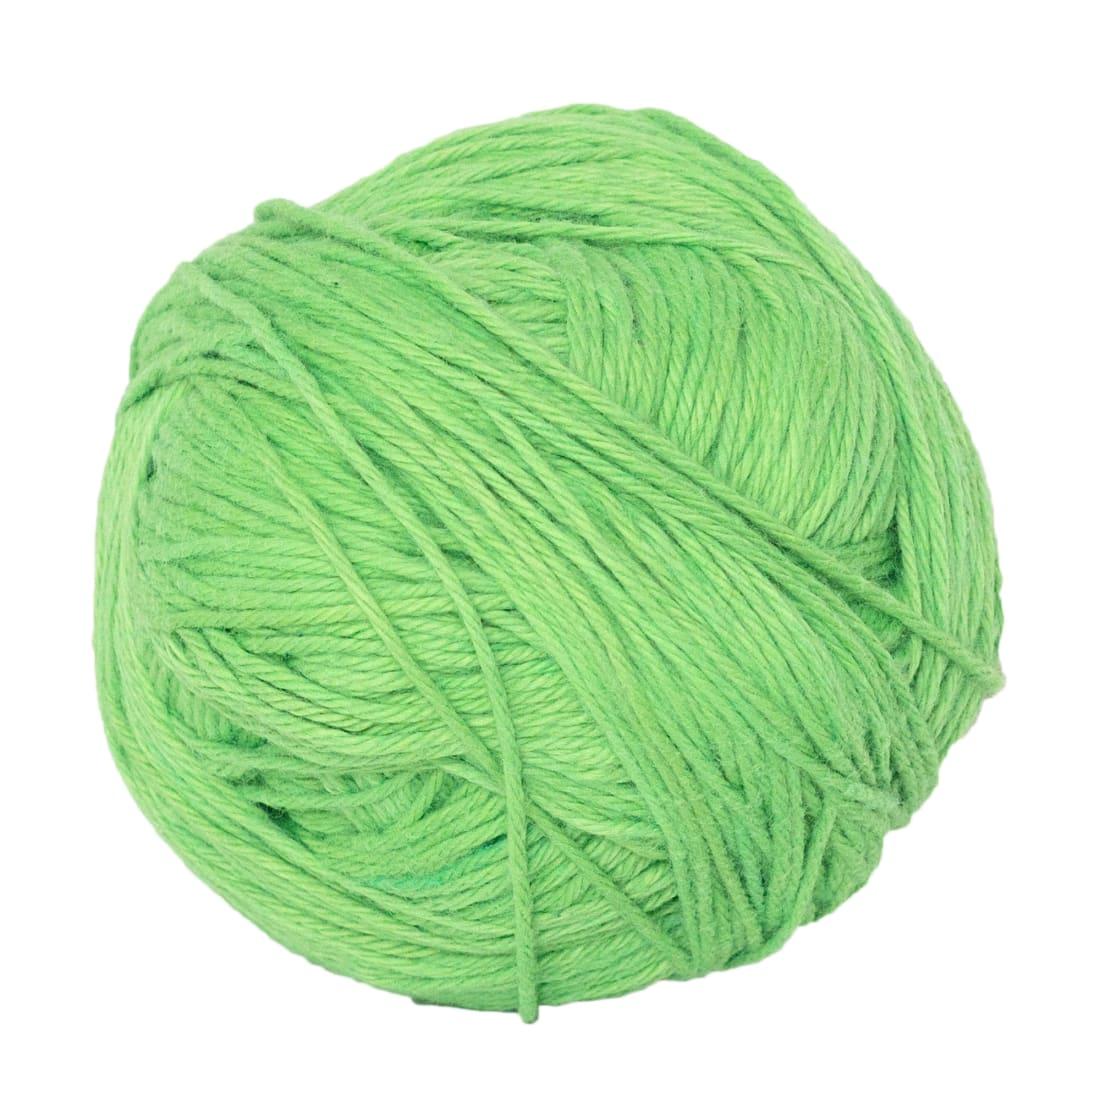 YOG224F Green